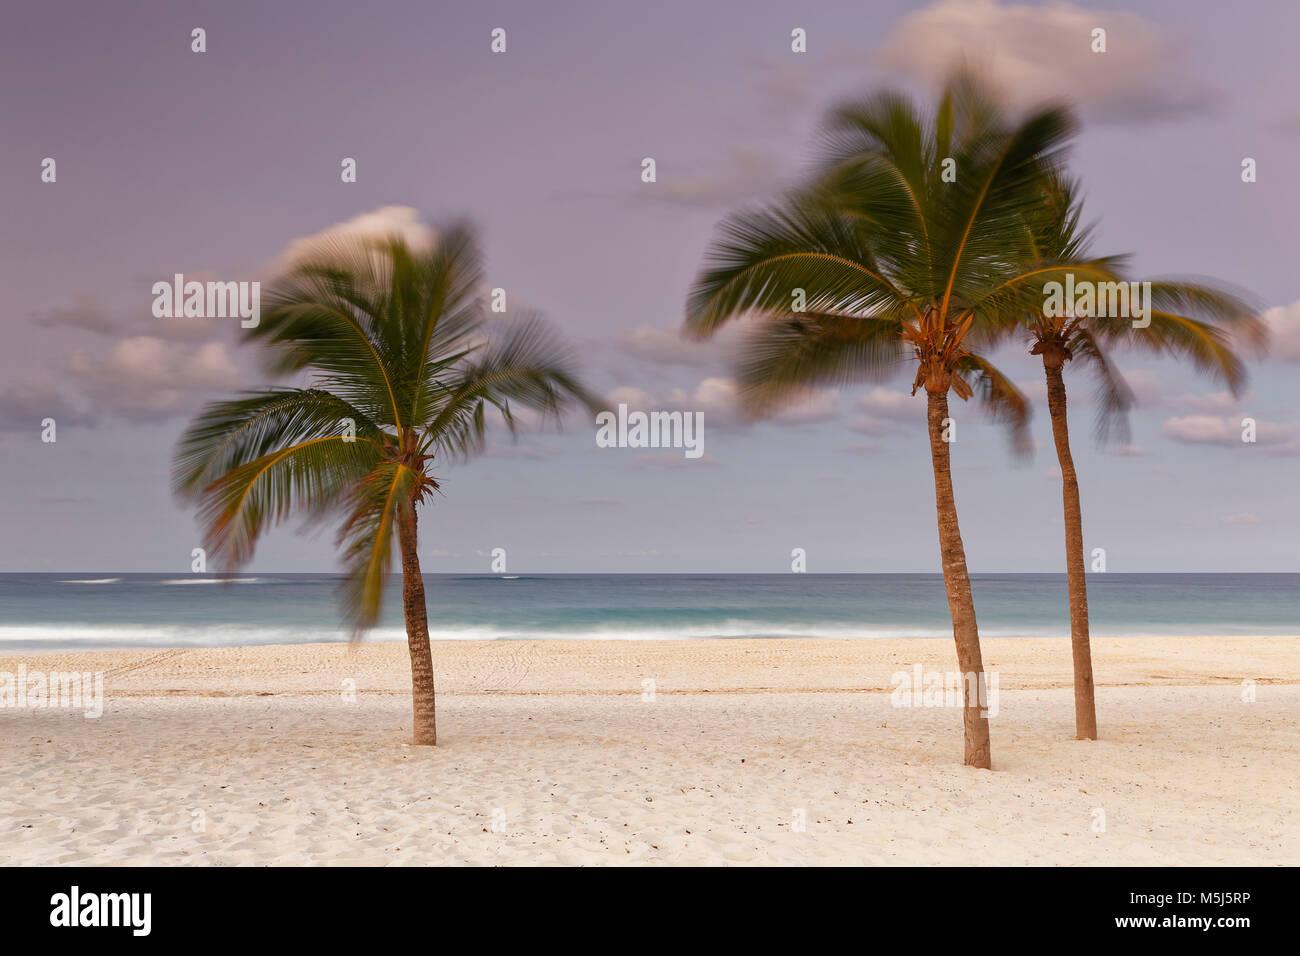 El Caribe, República Dominicana, Punta Cana, Playa Bávaro, moviendo las palmeras en la playa en el atardecer. Imagen De Stock